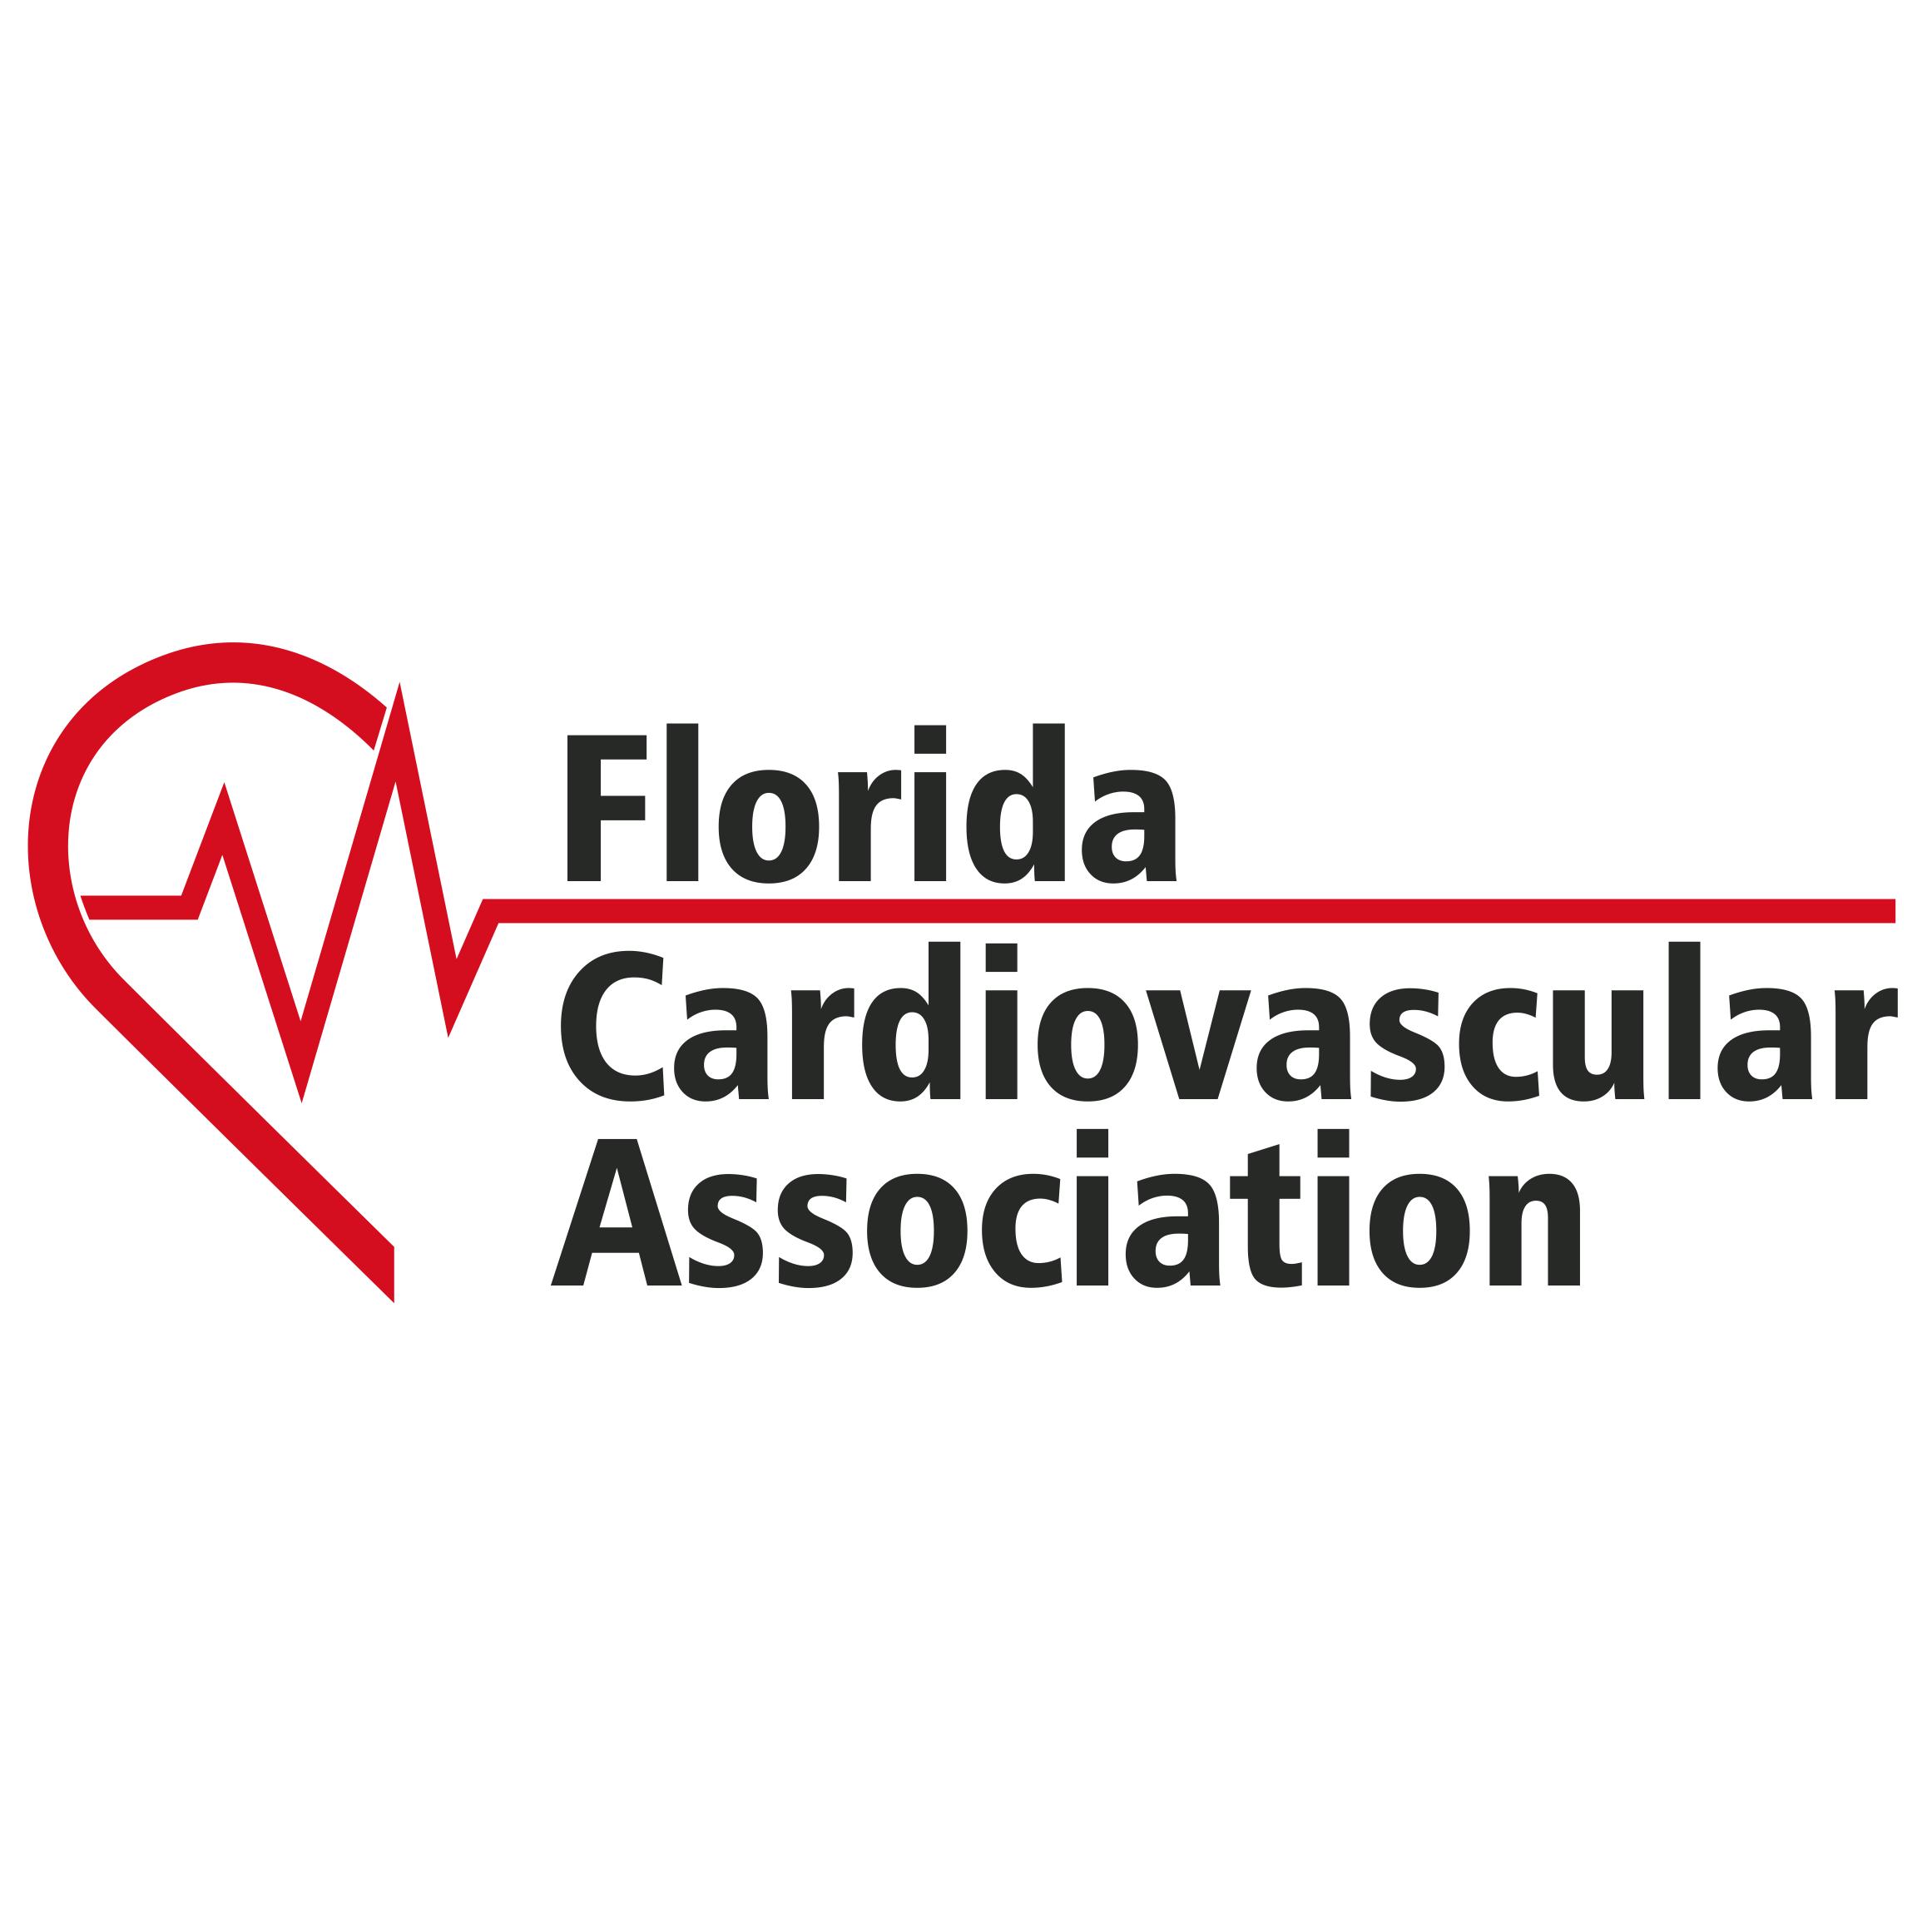 Florida Cardiovascular Association image 7